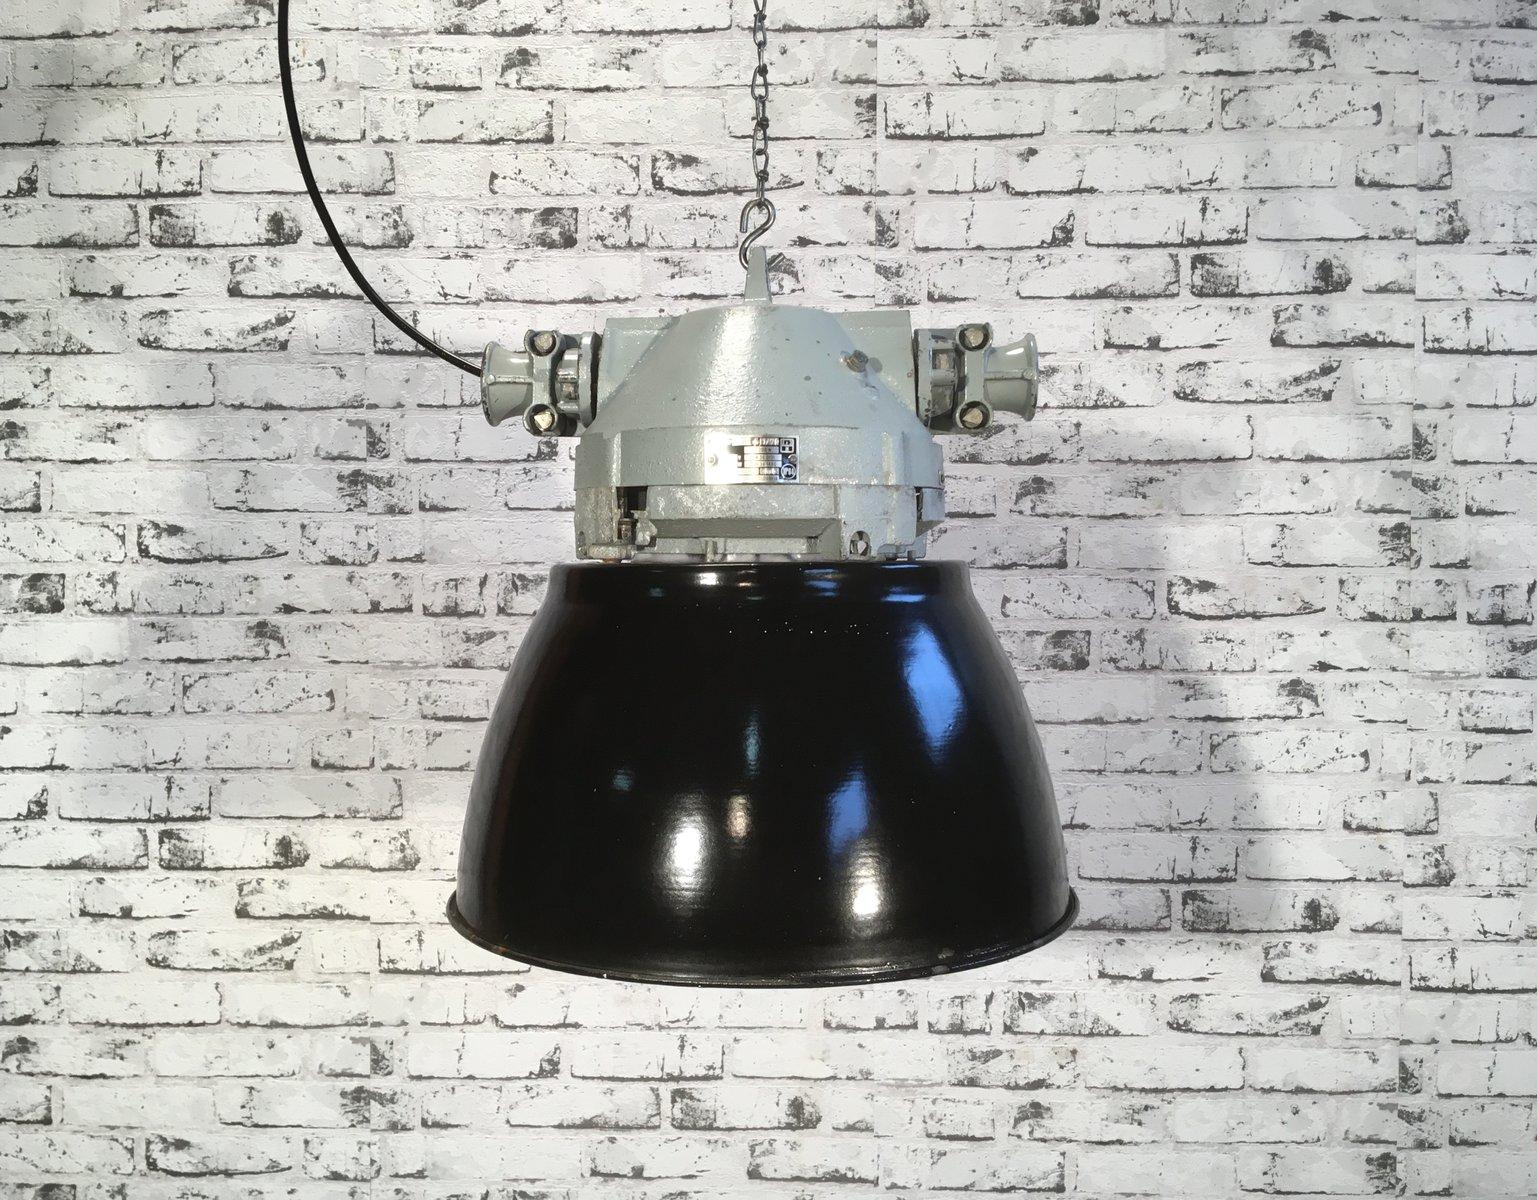 Explosionssichere graue Vintage Aluminium Lampe mit schwarzer Emaille ...